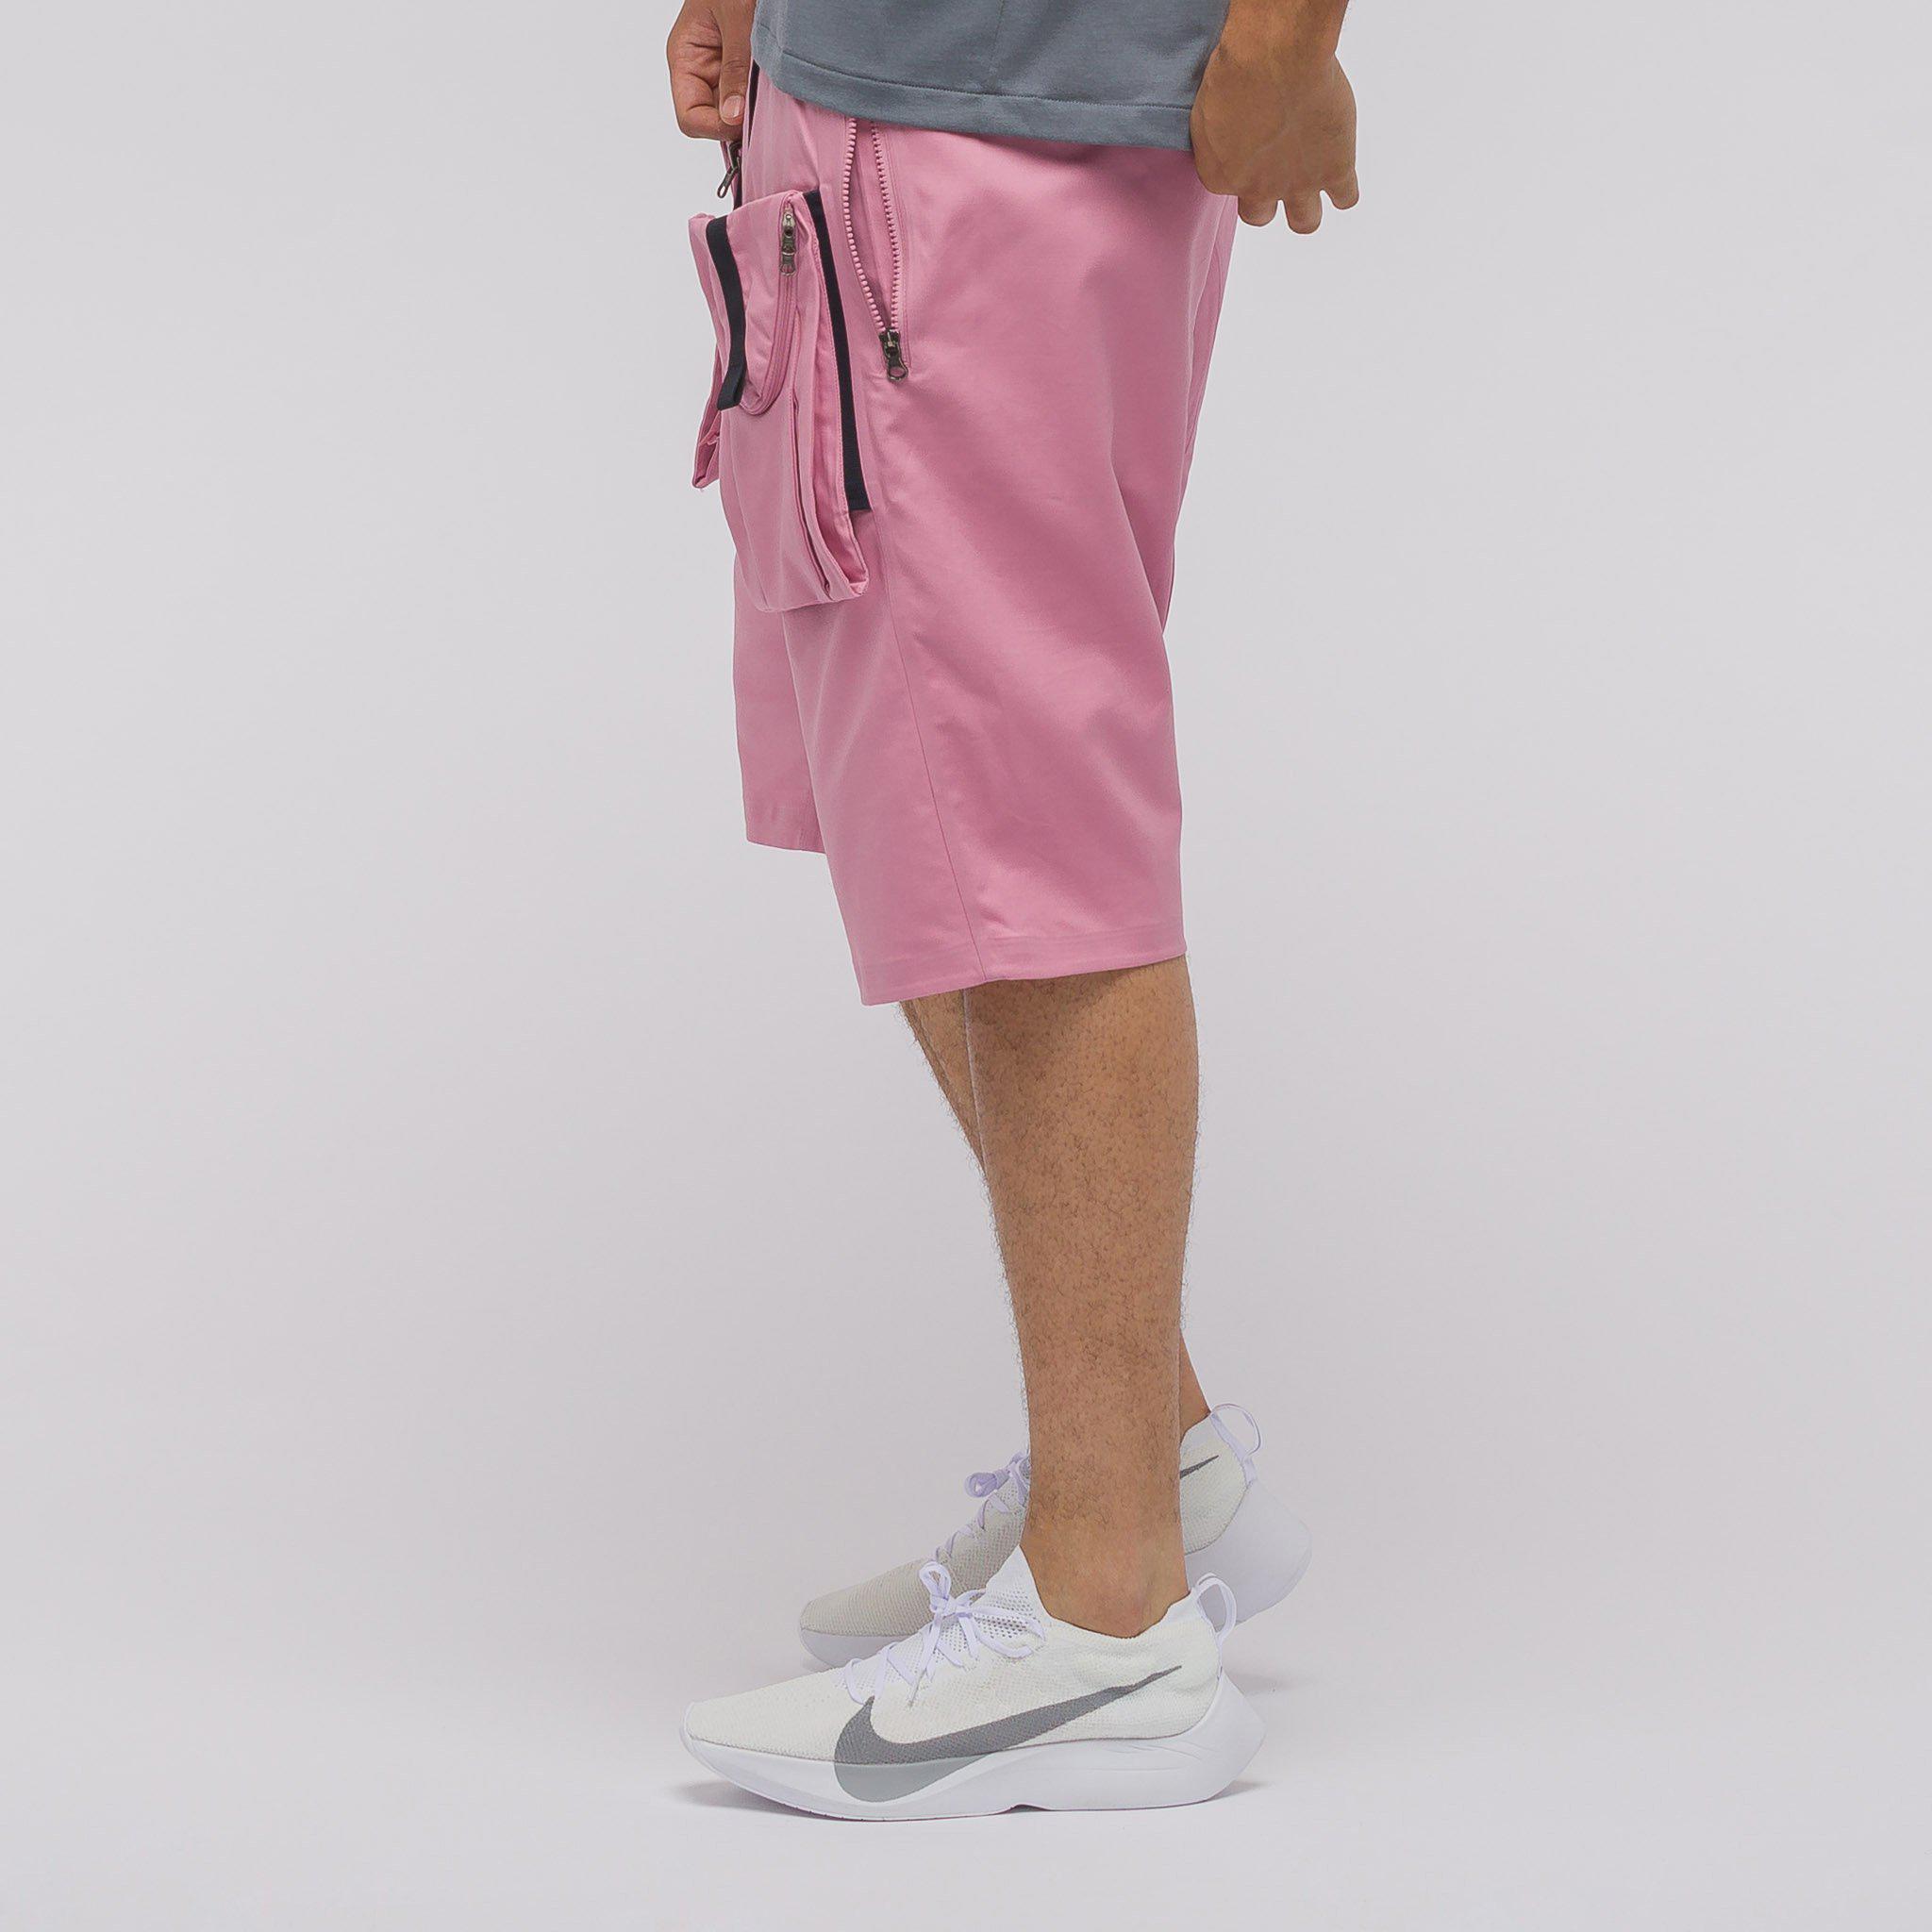 4d22af95d3 Nike Acg Deploy Cargo Shorts In Elemental Pink in Pink for Men - Lyst